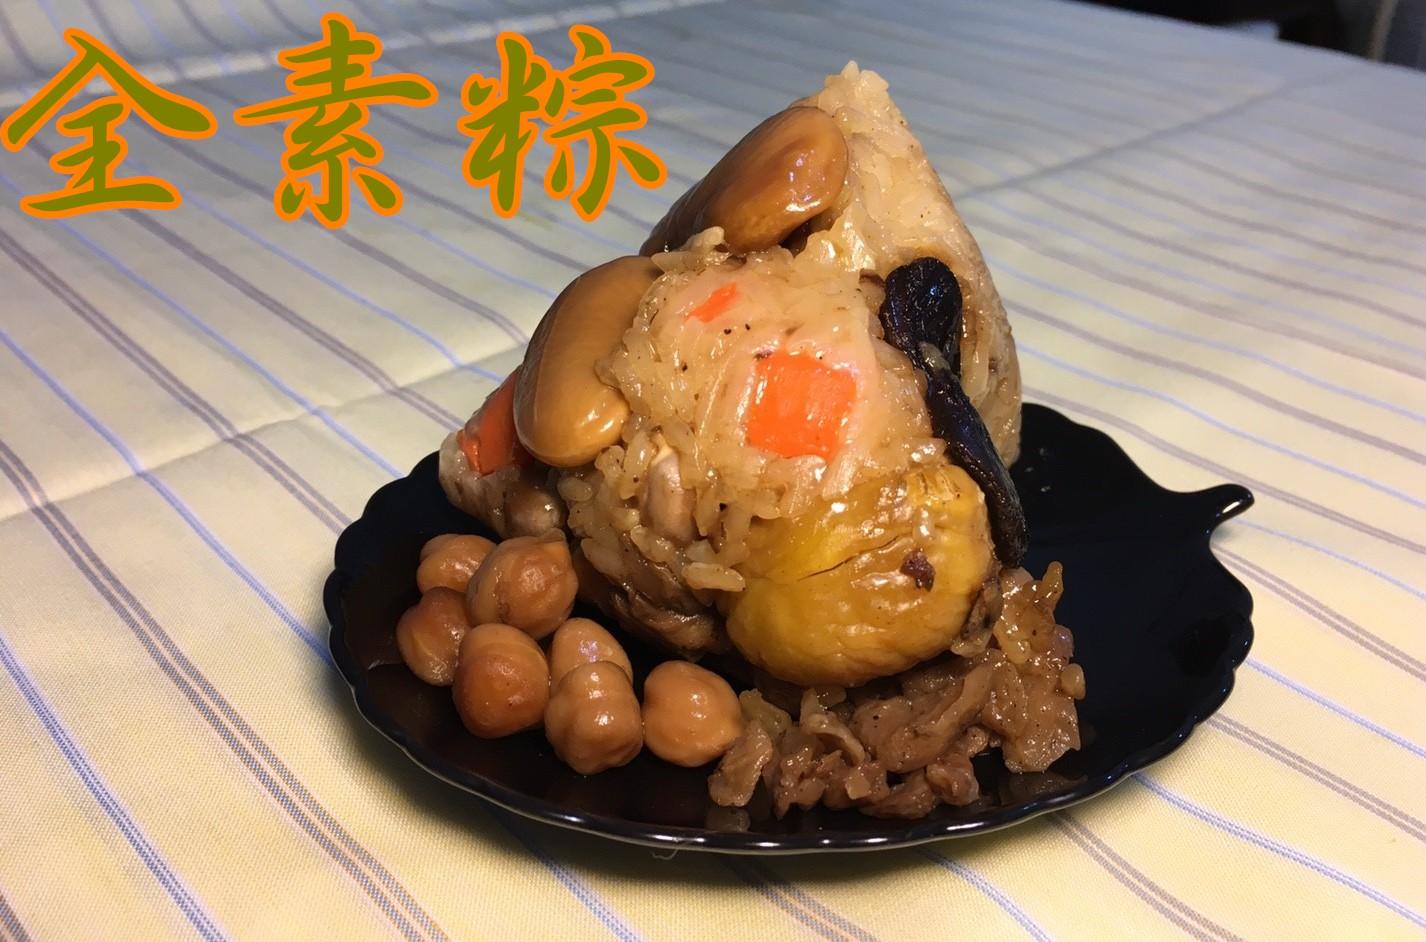 全素粽 (素粽) -10入組 ~阿嬤的好滋味~香菇?栗子?皇帝豆?紅蘿蔔?雪蓮子【甜心粽】